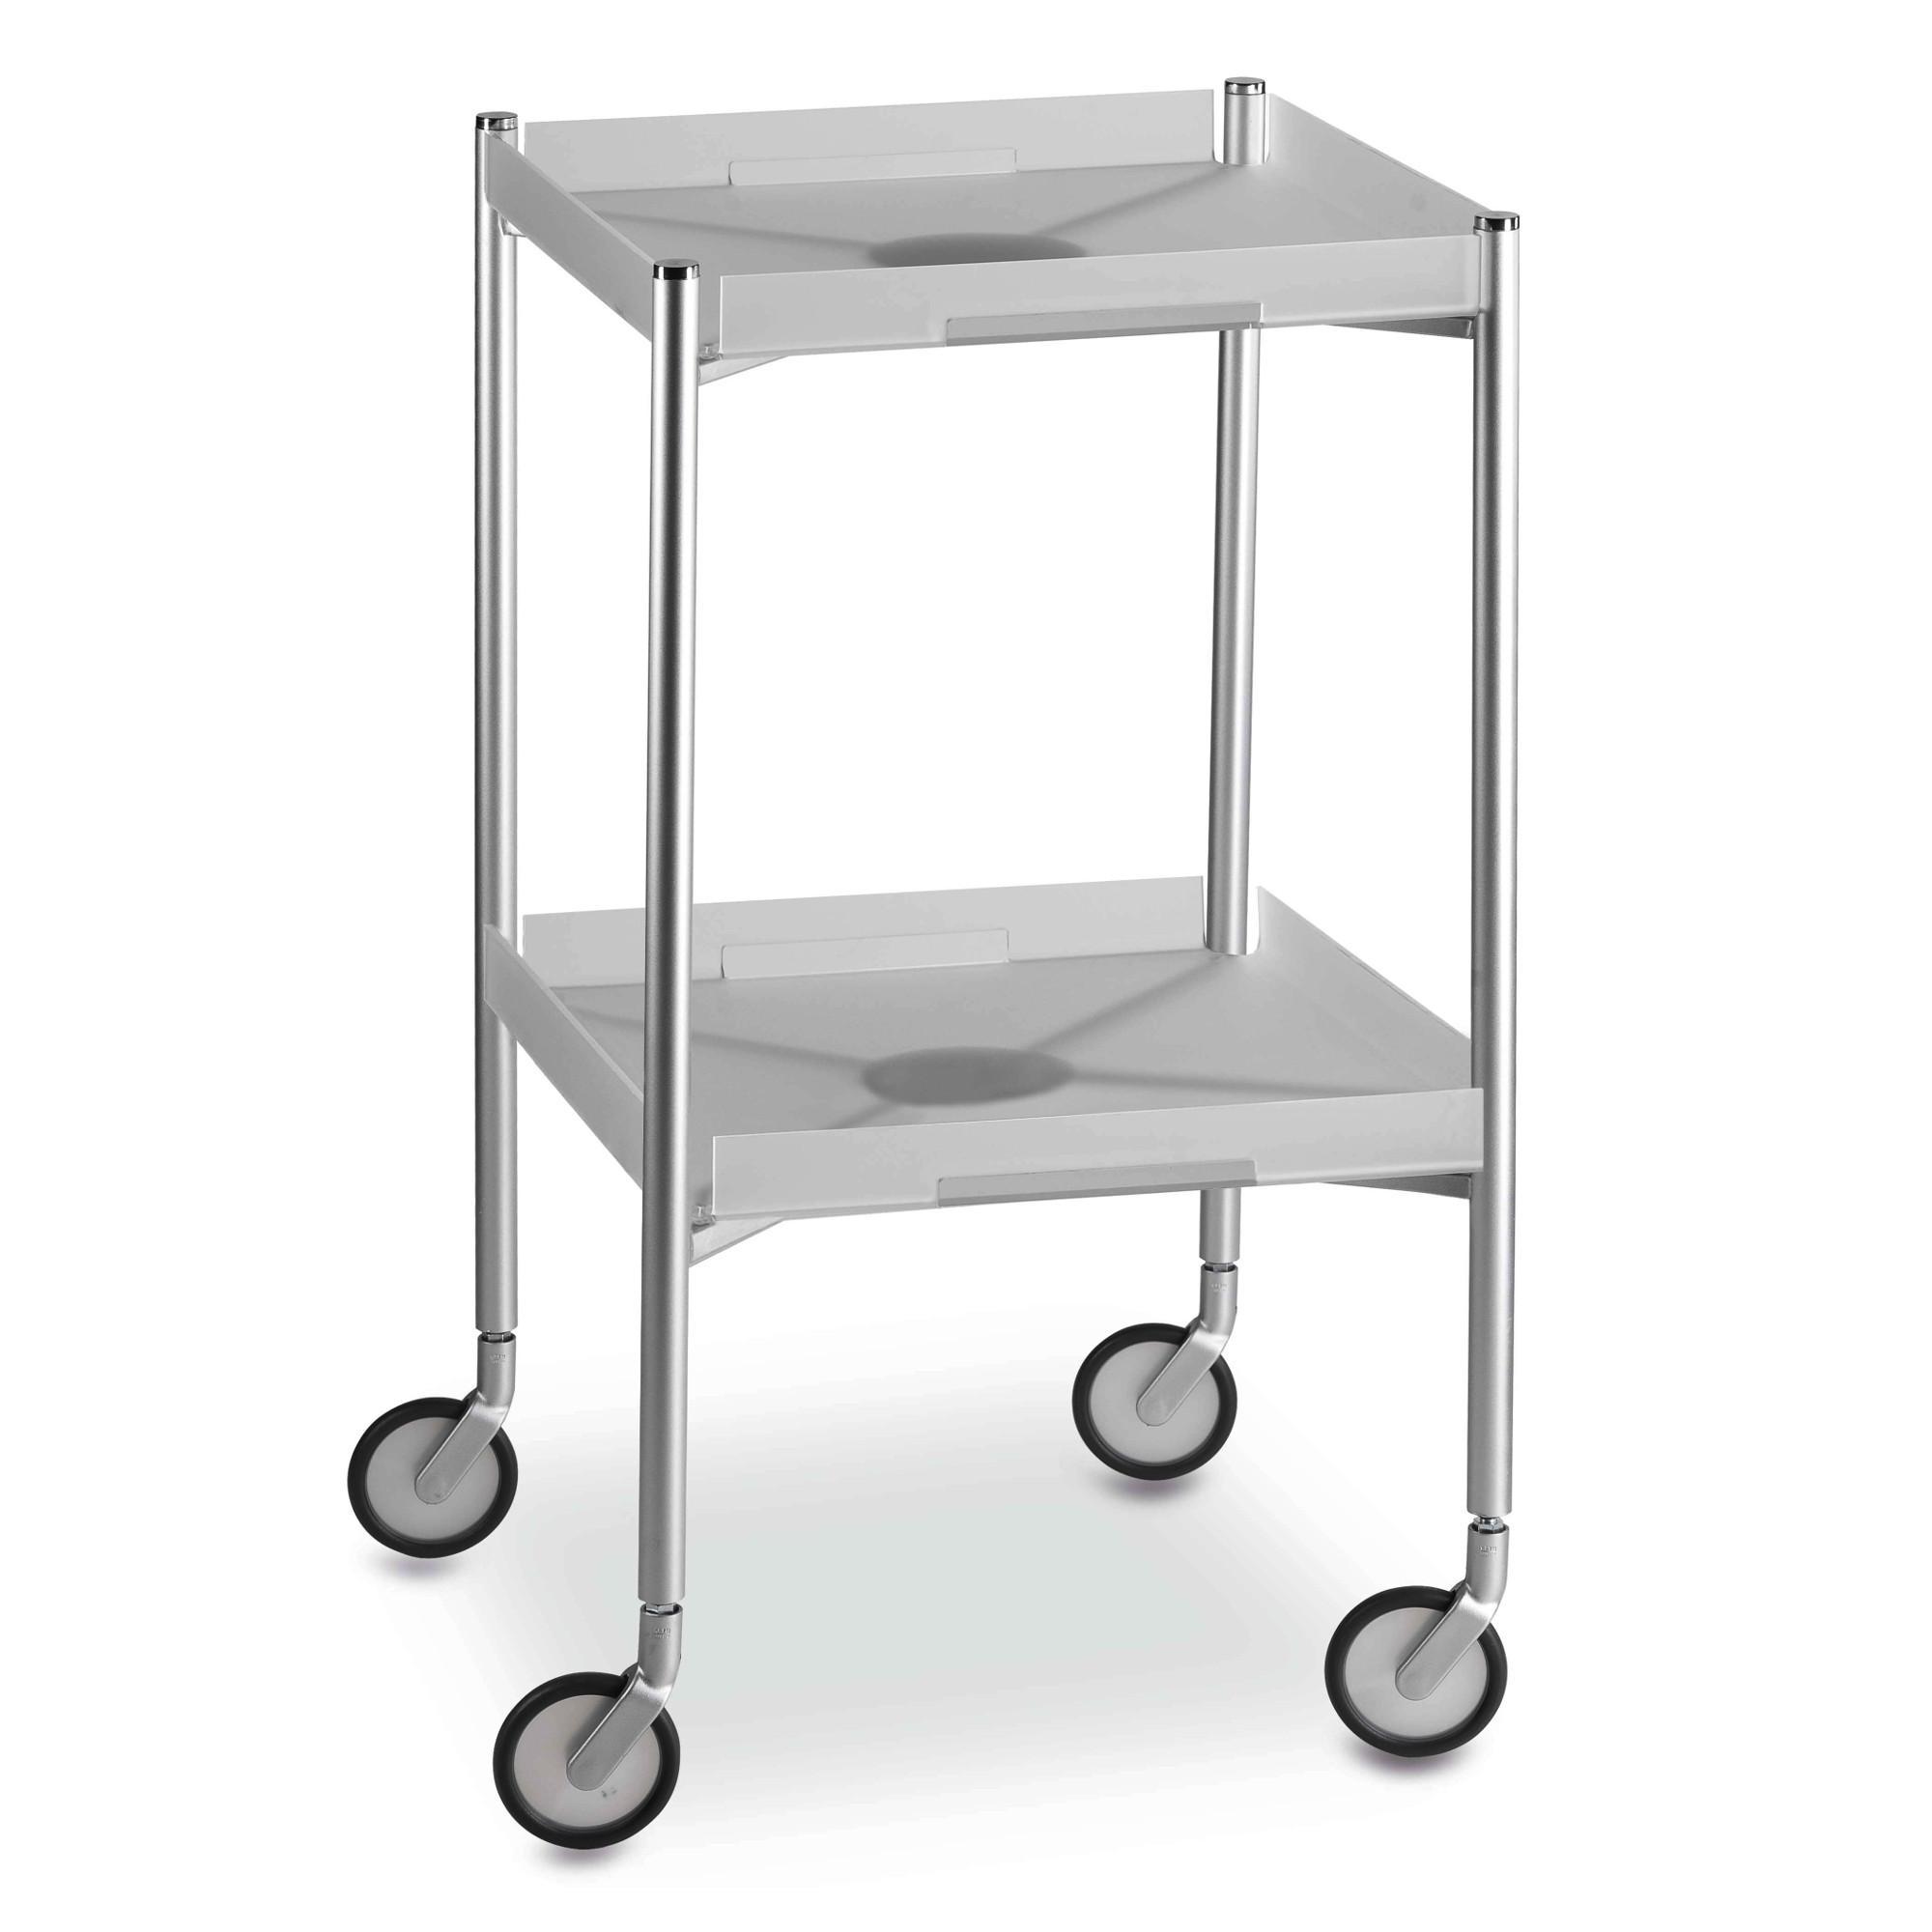 Carrelli Ikea Cucina Mobili Da Cucina In Acciaio Inox Carrello In Acciaio Inox Con Alimenti